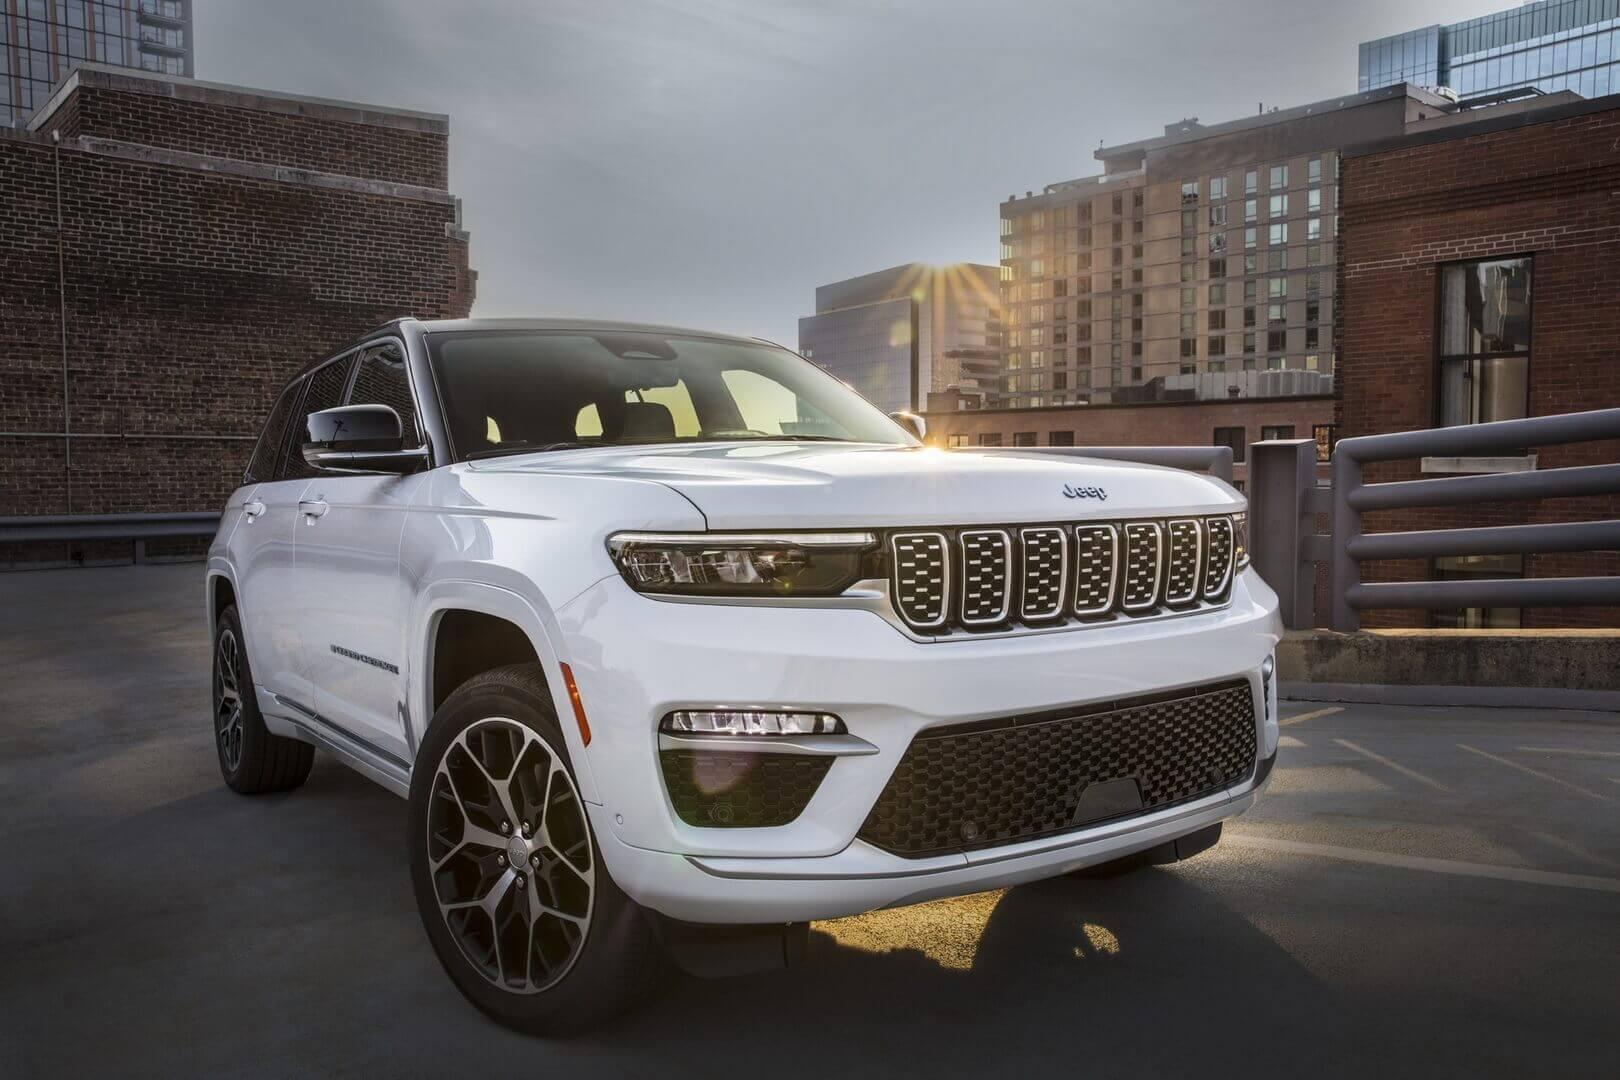 Плагин-гибрид Jeep Grand Cherokee 4xe